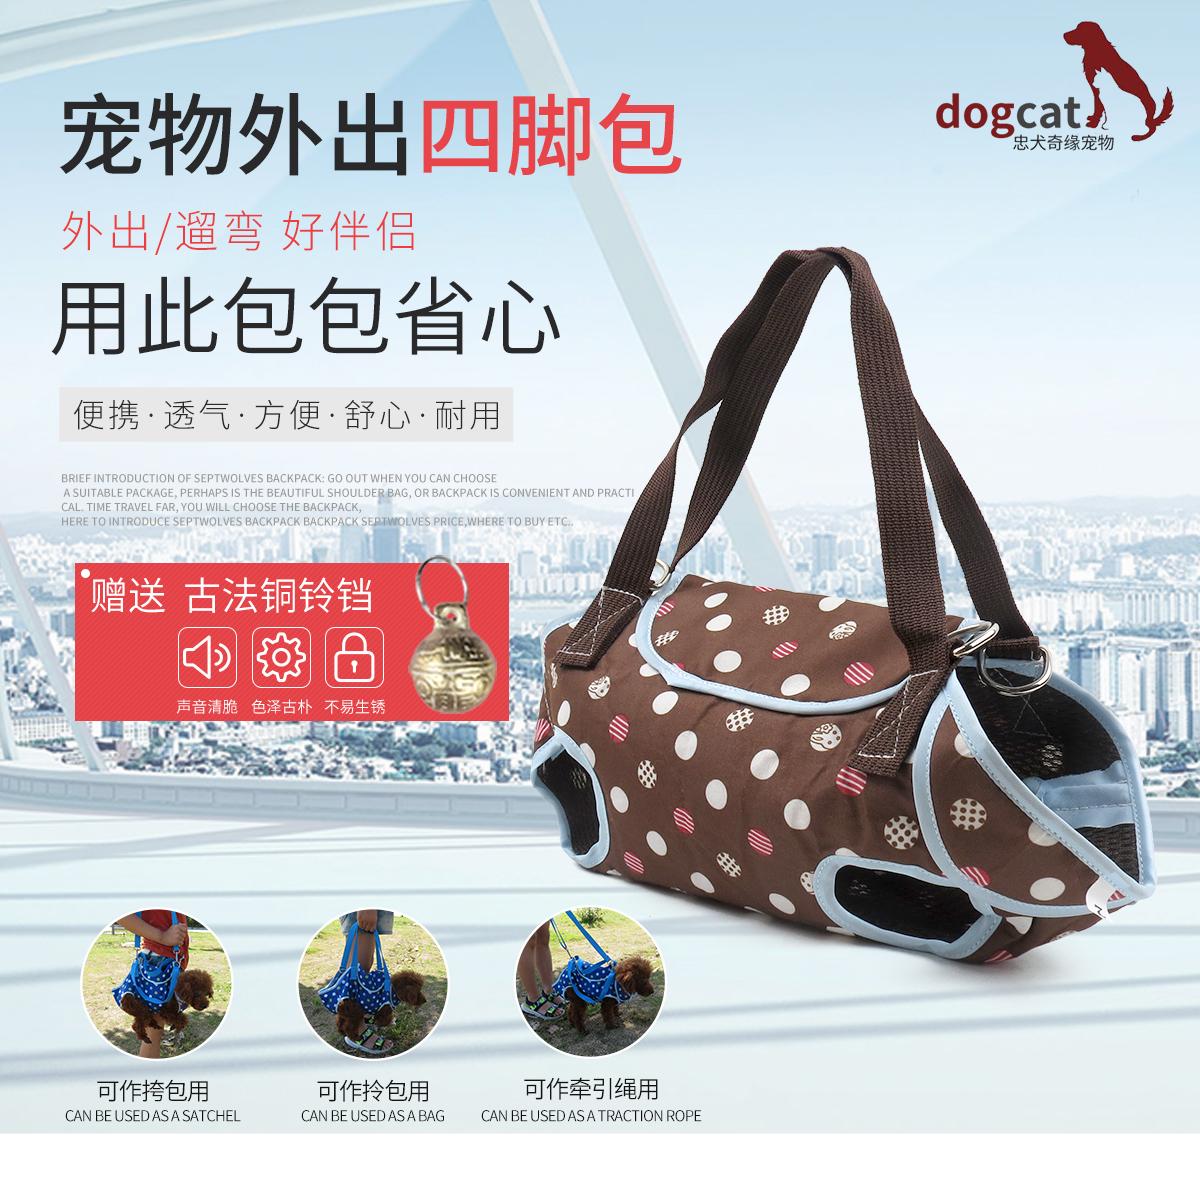 宠物外出便携包四脚手提包泰迪狗狗猫咪背包挎包牵引绳休闲斜挎包